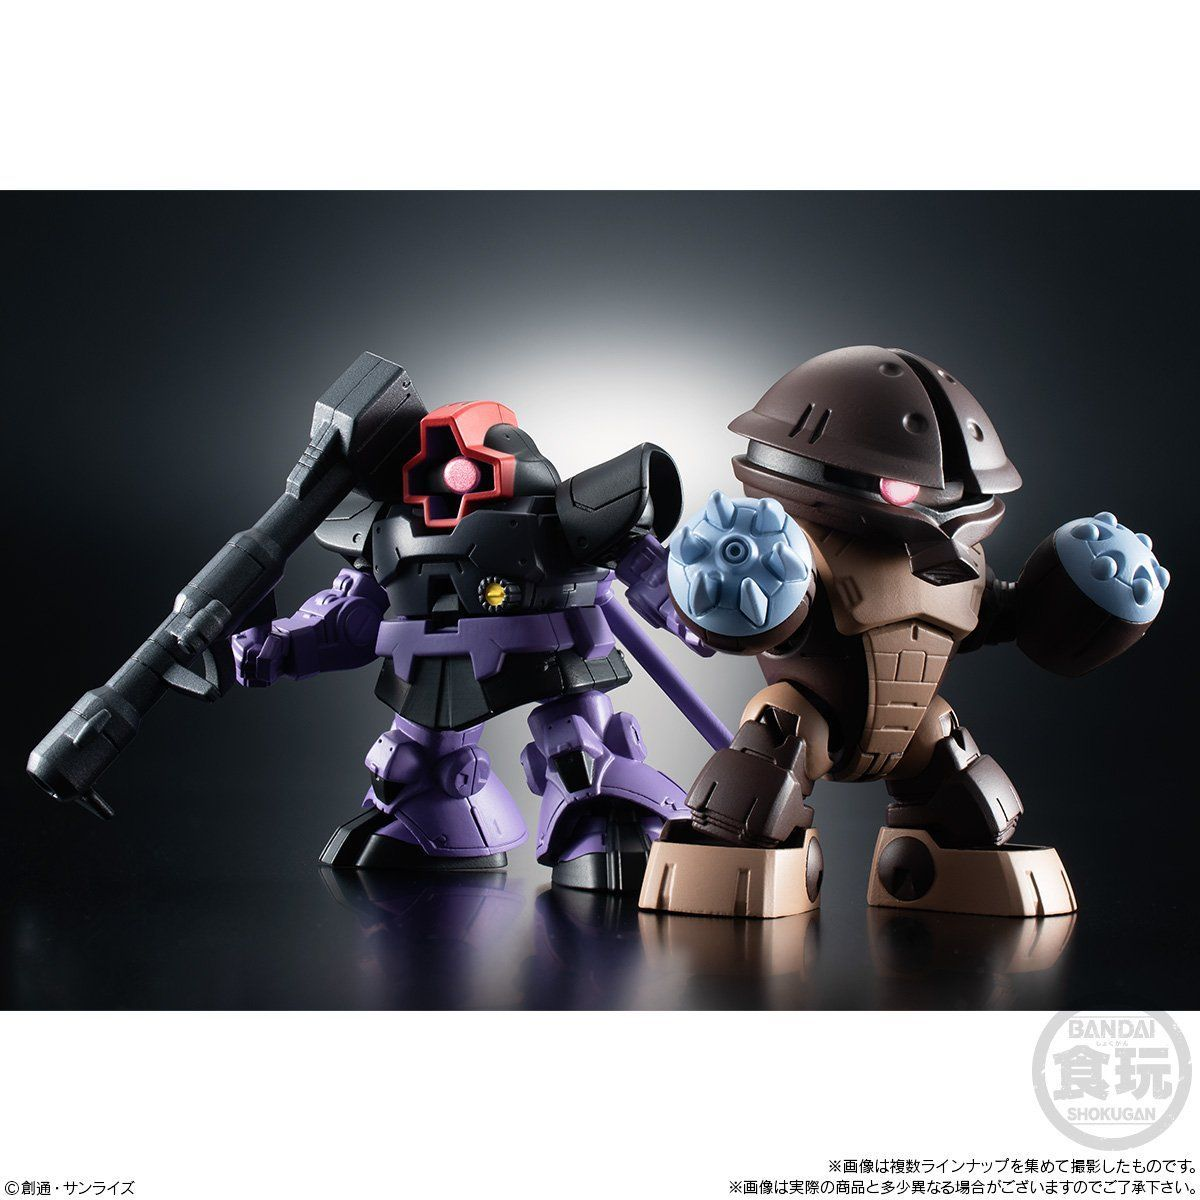 【食玩】機動戦士ガンダム『マイクロウォーズ5』10個入りBOX-008